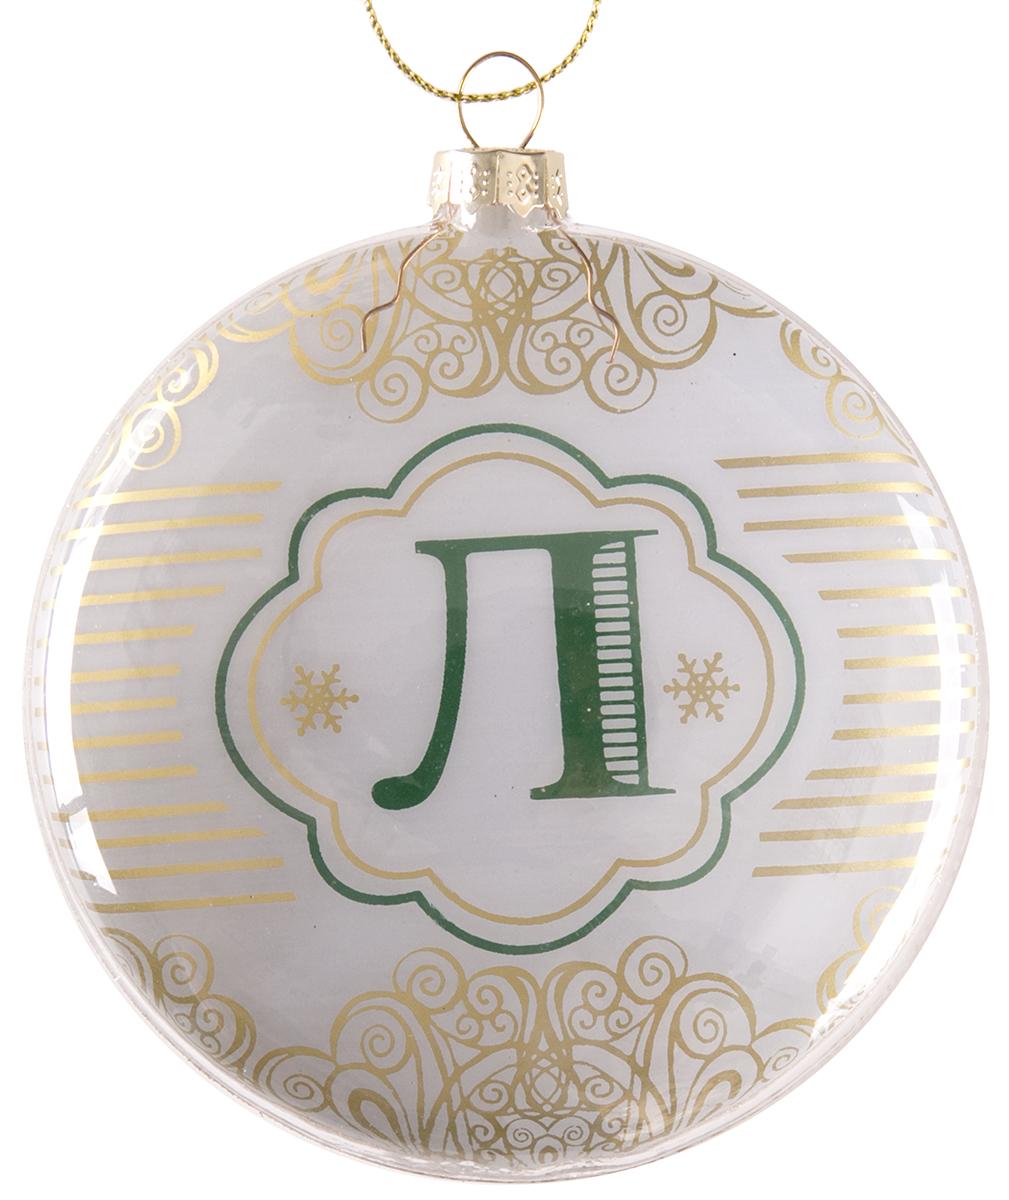 Украшение новогоднее подвесное Magic Time Буква Л, стеклянное75831Новогоднее подвесное украшение, выполненное из стекла, в виде буквы Л.